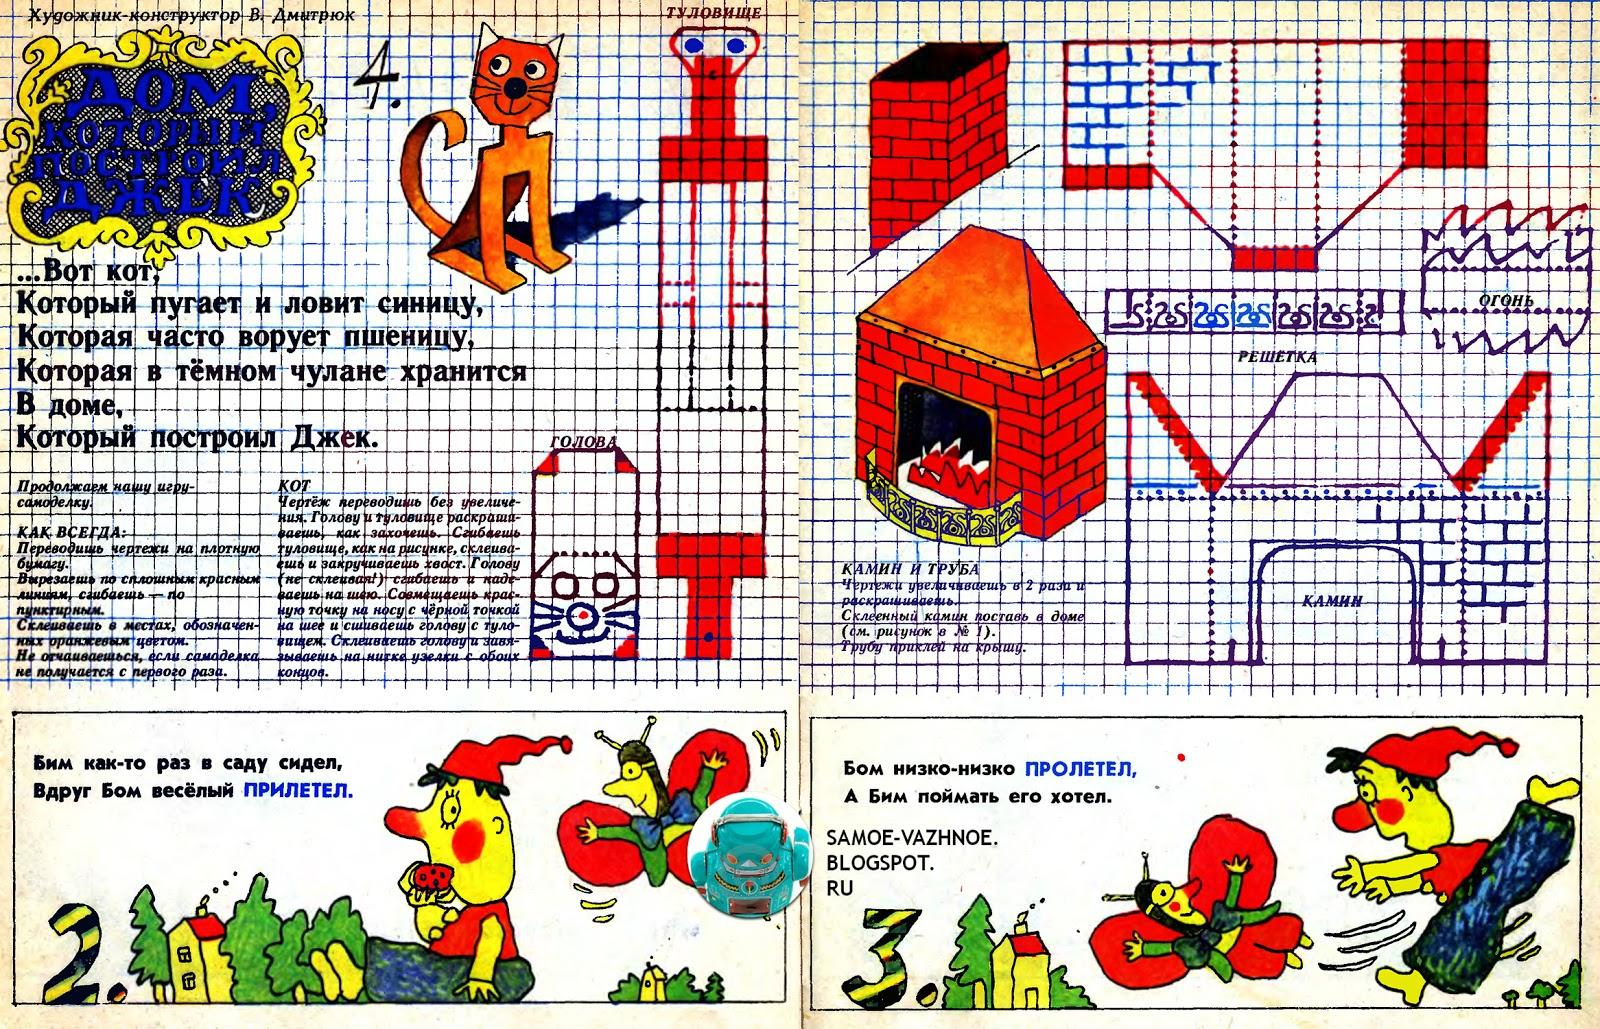 кукольный дом СССР дом который построил джек веселые картинки (№4, 1987)